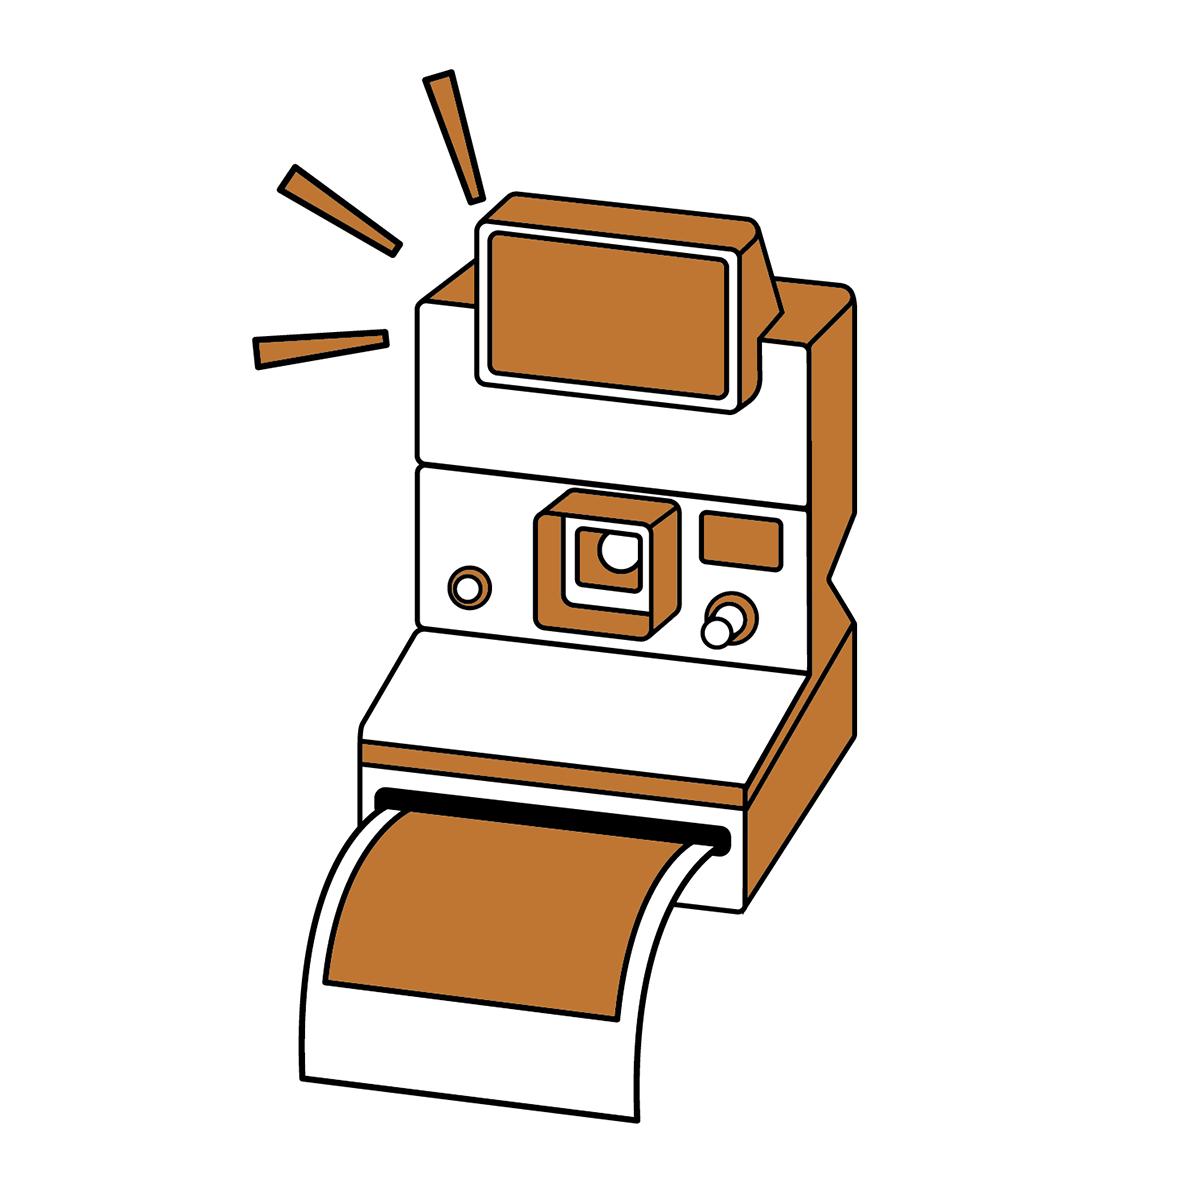 DSPATBS - Overturn Preventing Glue Bottle Seat (Tamiya)